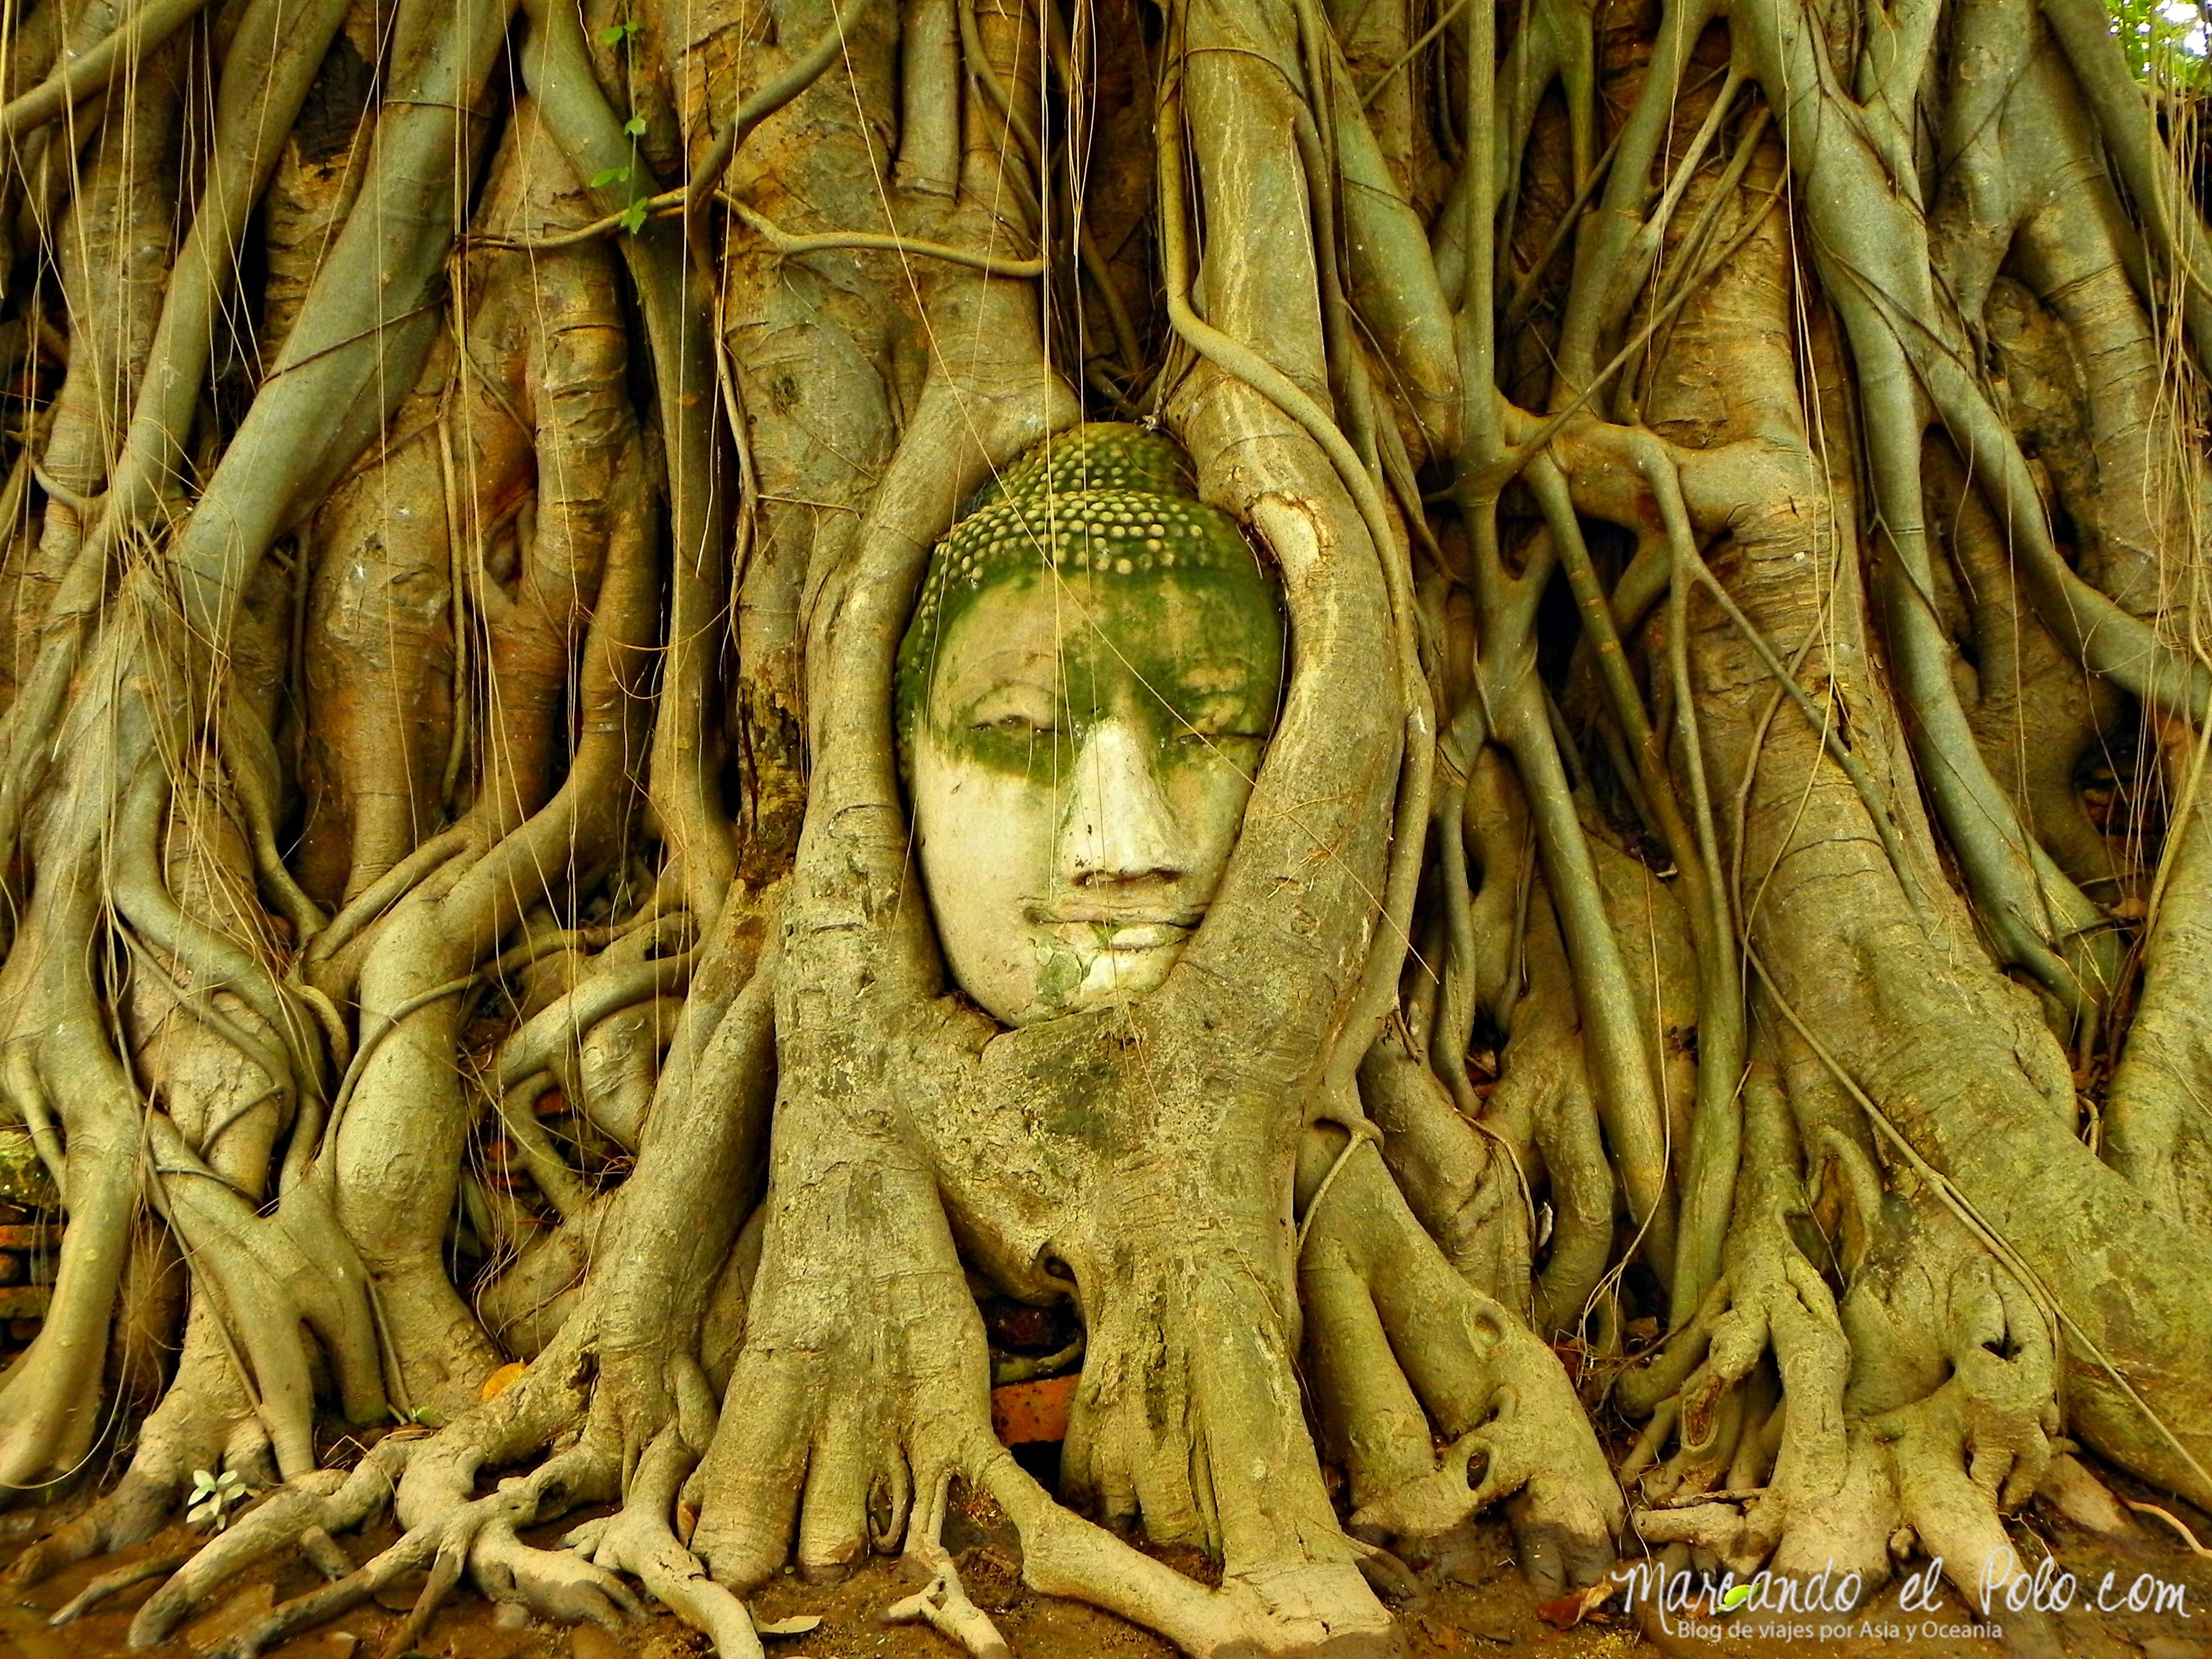 Principales destinos turisticos del Sudeste Asiatico - Ayutthaya, Tailandia